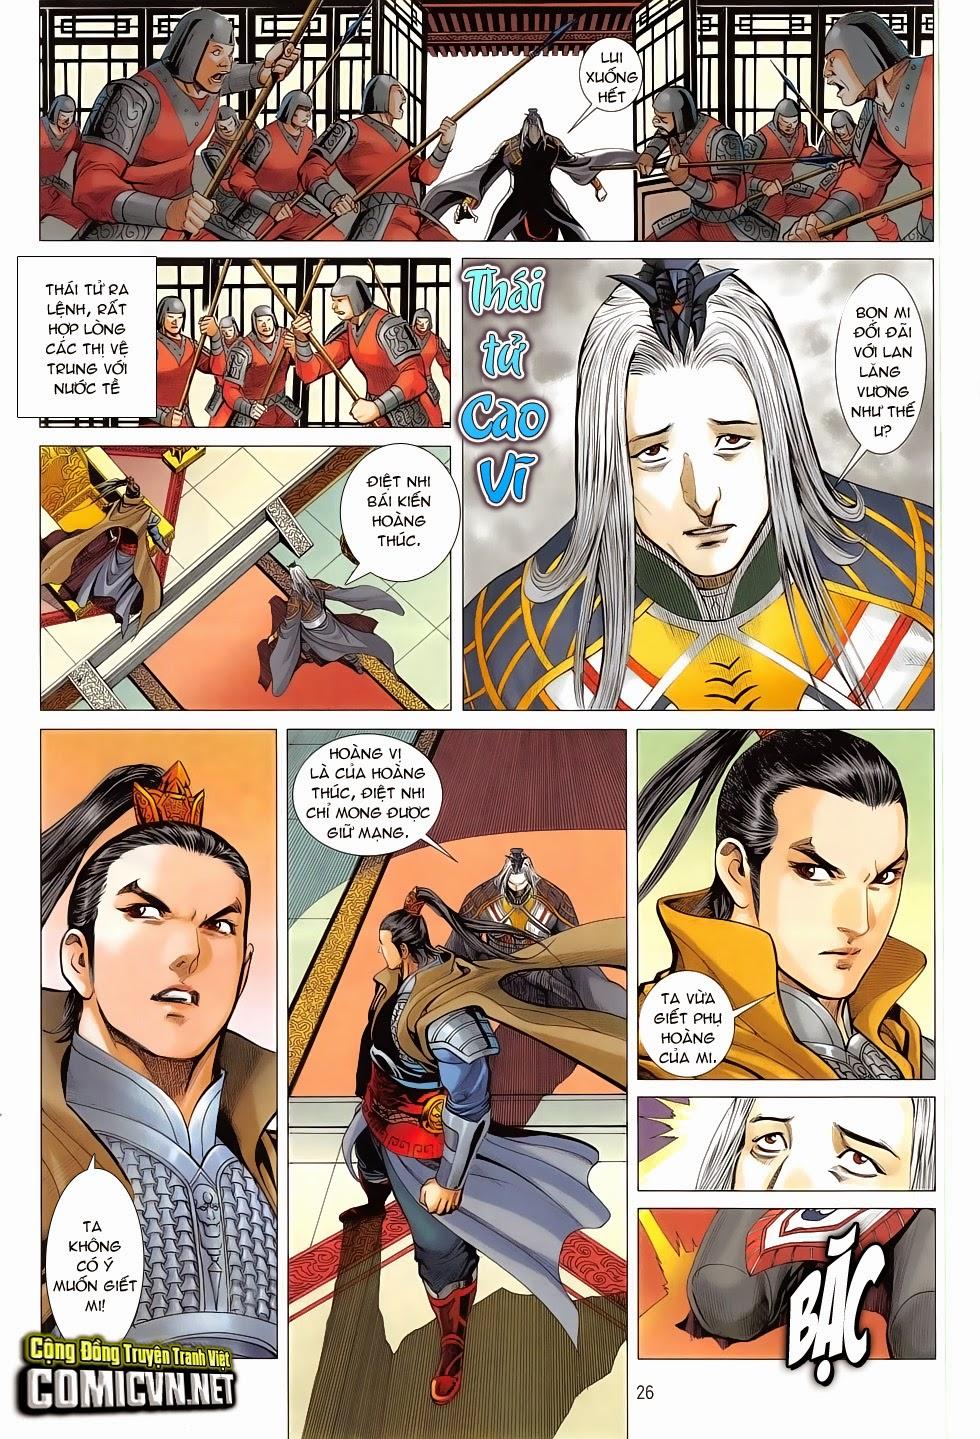 Chiến Phổ chapter 7: giết mi không chỉ mình ta trang 26